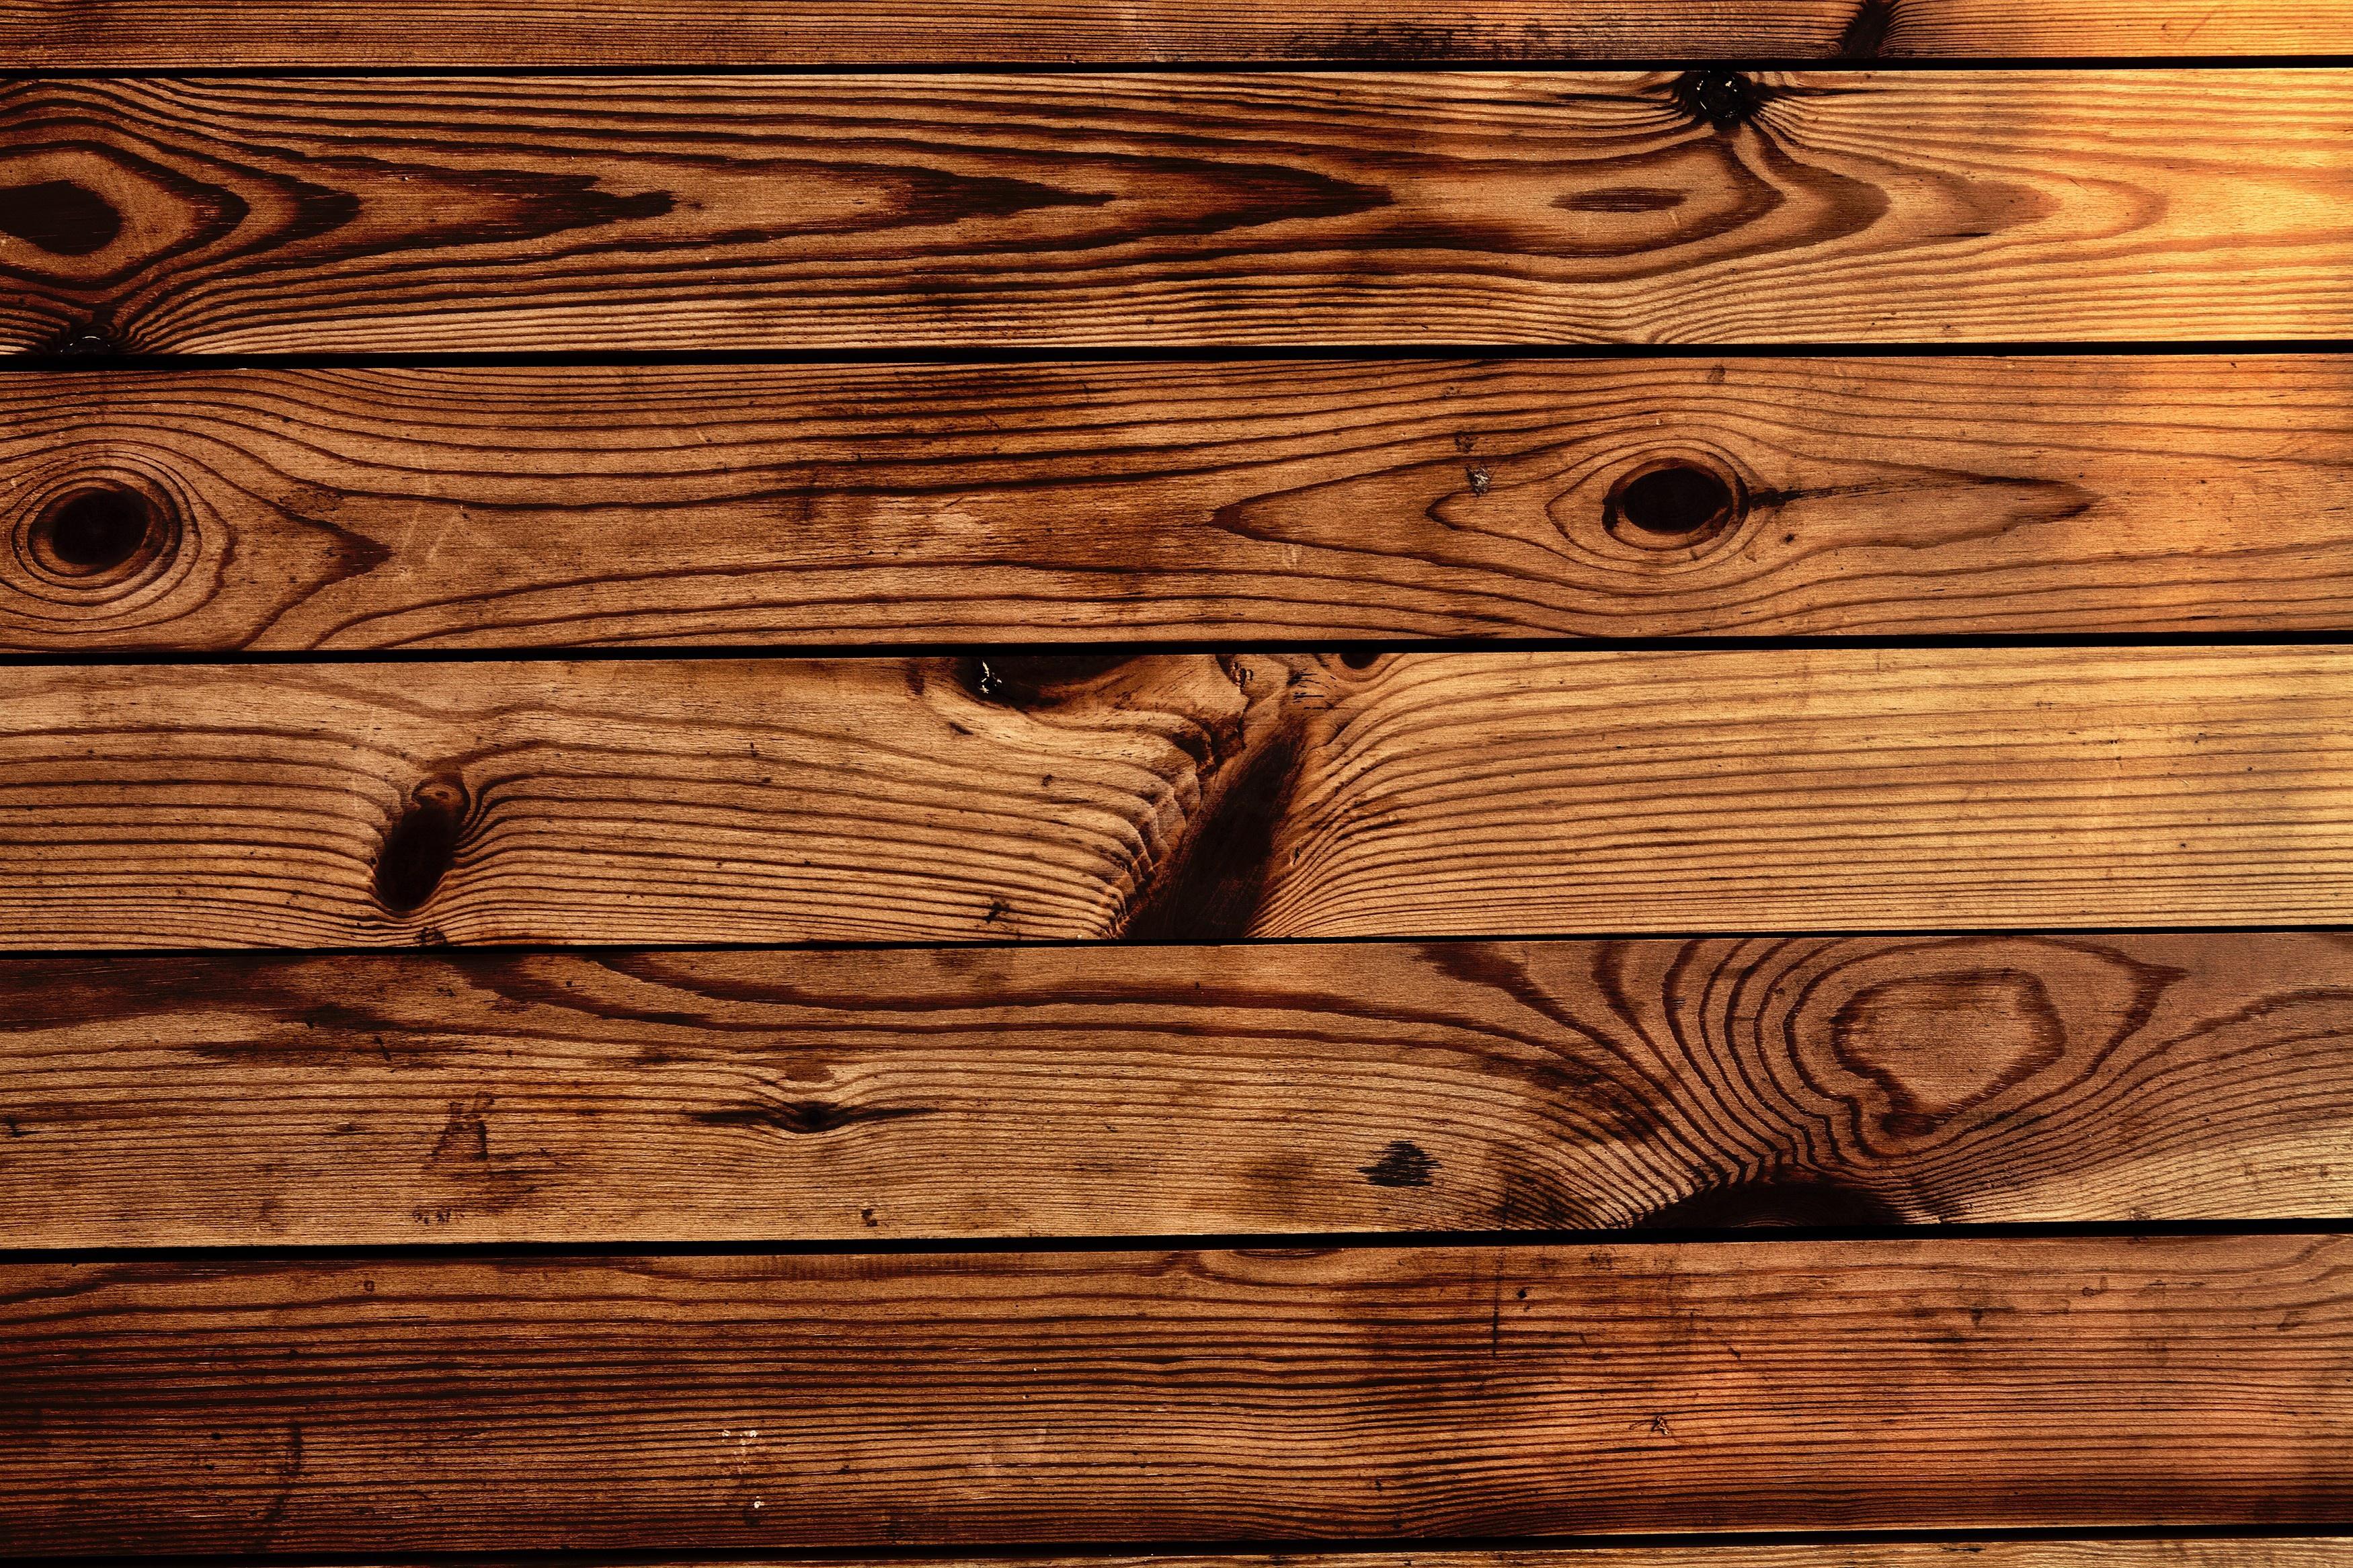 деревянная дощечка картинки фон высказался